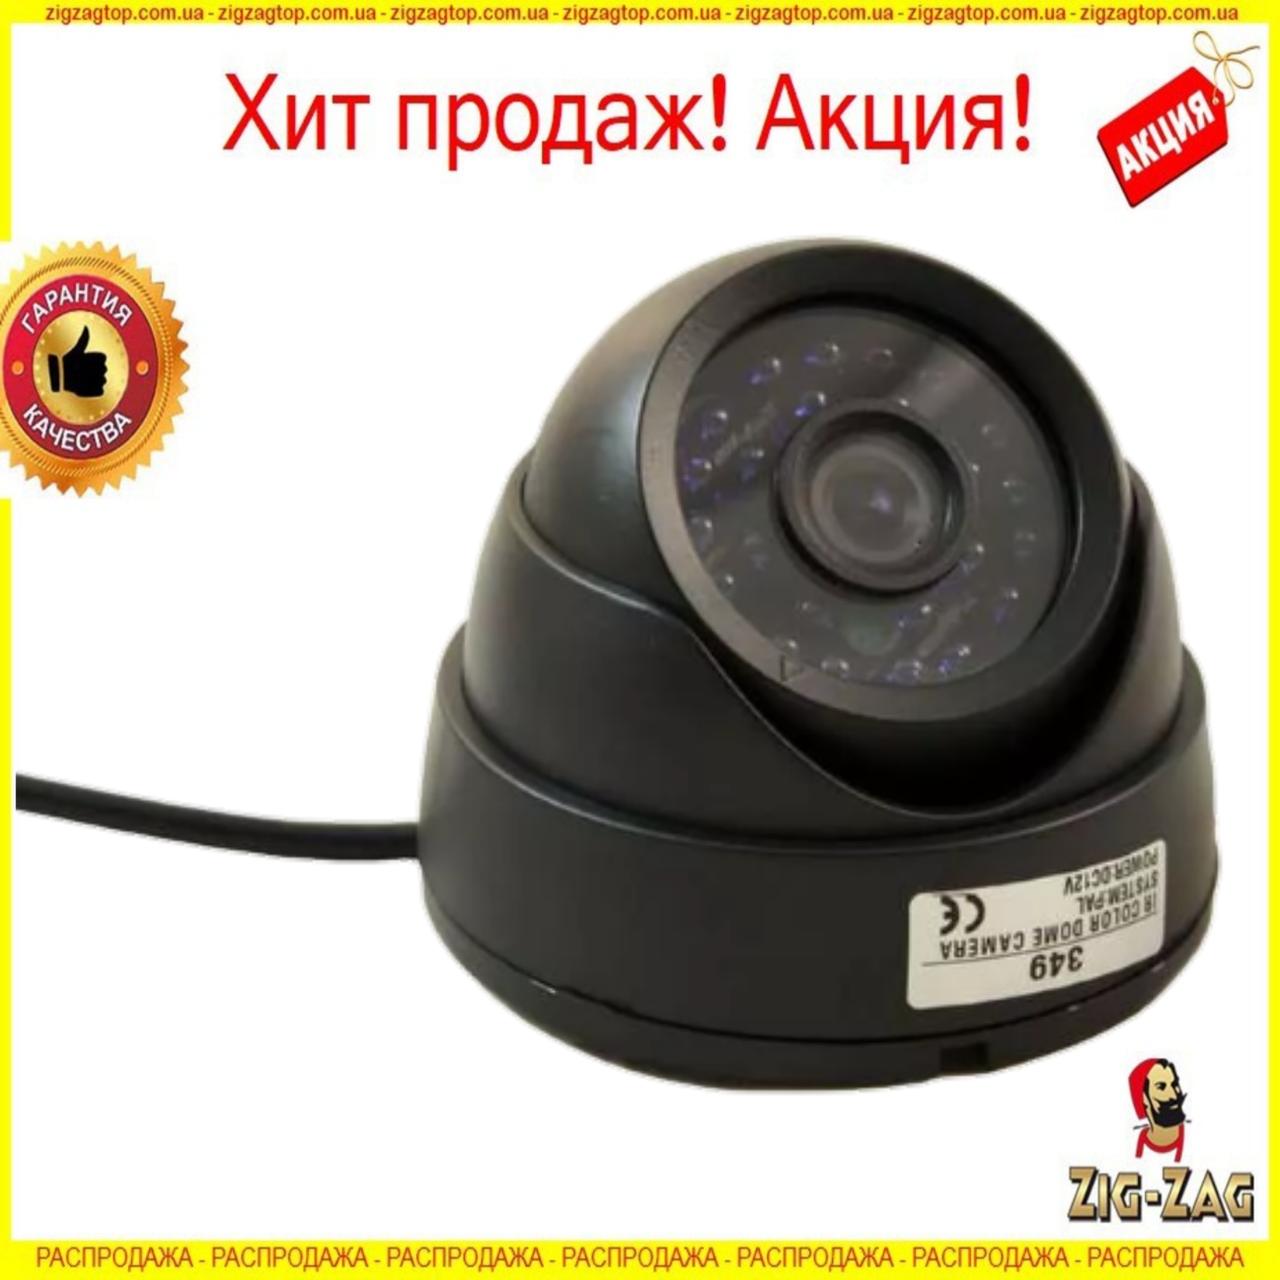 Камера Видеонаблюдения Kronos CCTV 349 Camera с ИК подсветкой Для Дома, Дачи, Офиса Уличная Внешняя ЦВЕТНАЯ